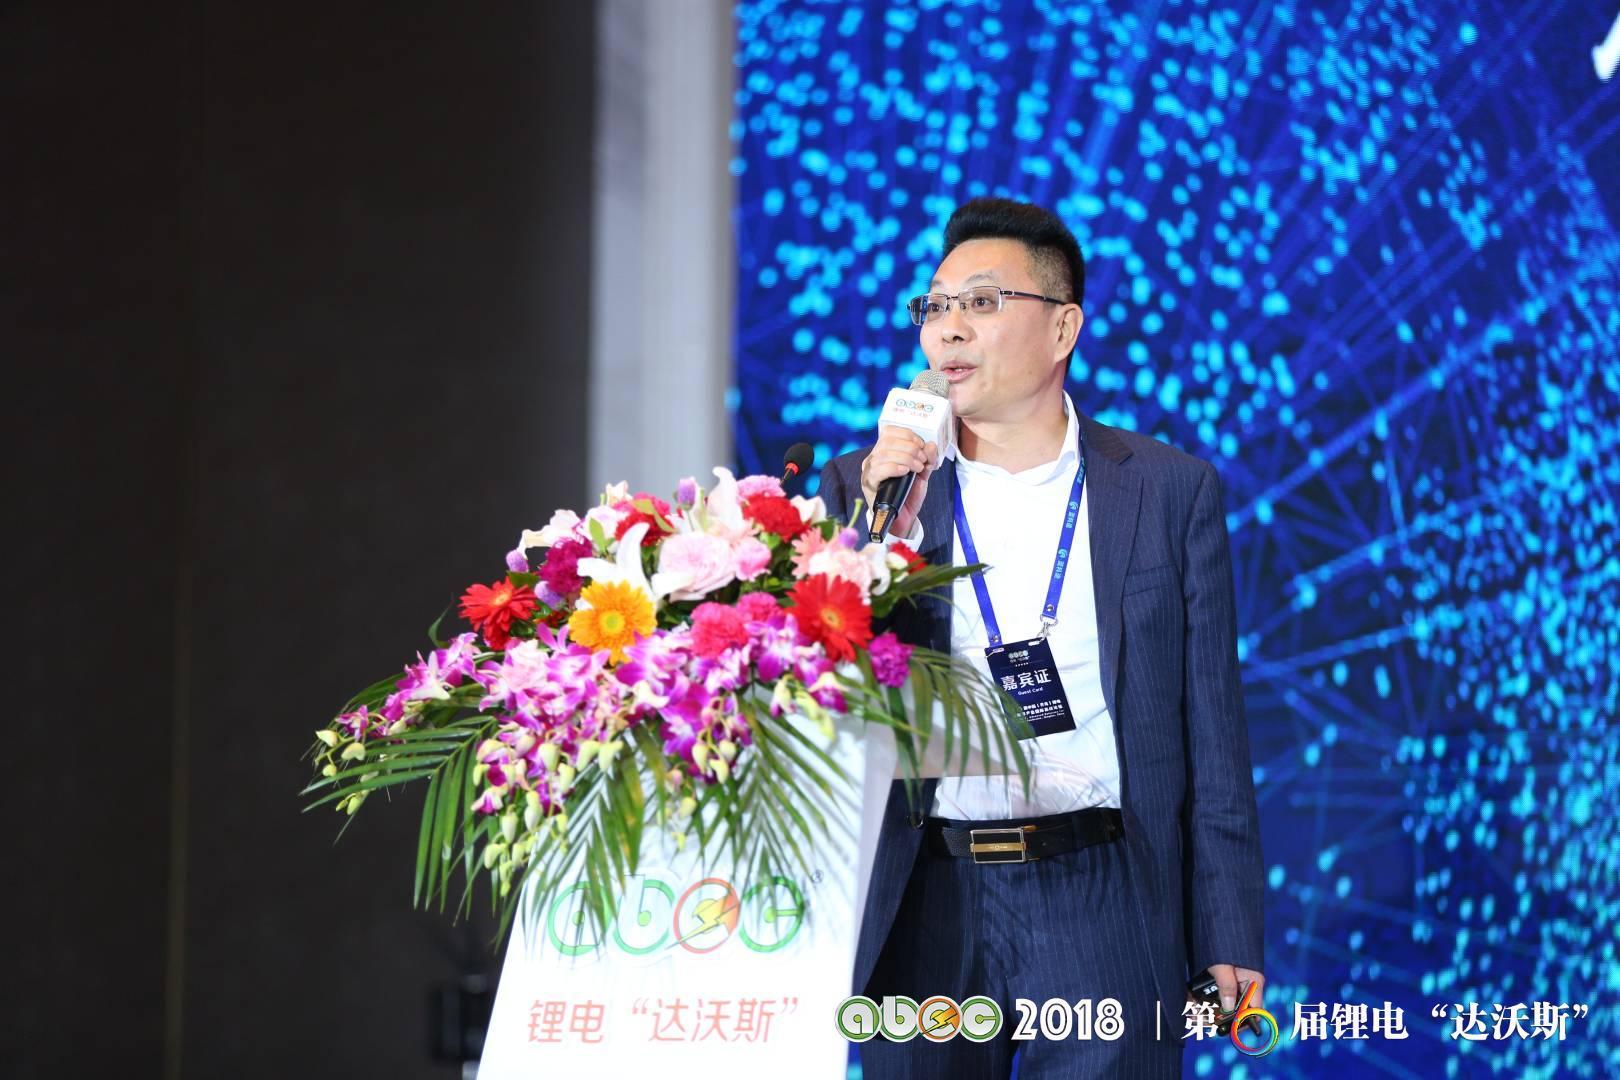 大族激光科技产业集团股份有限公司集团副总裁黄祥虎